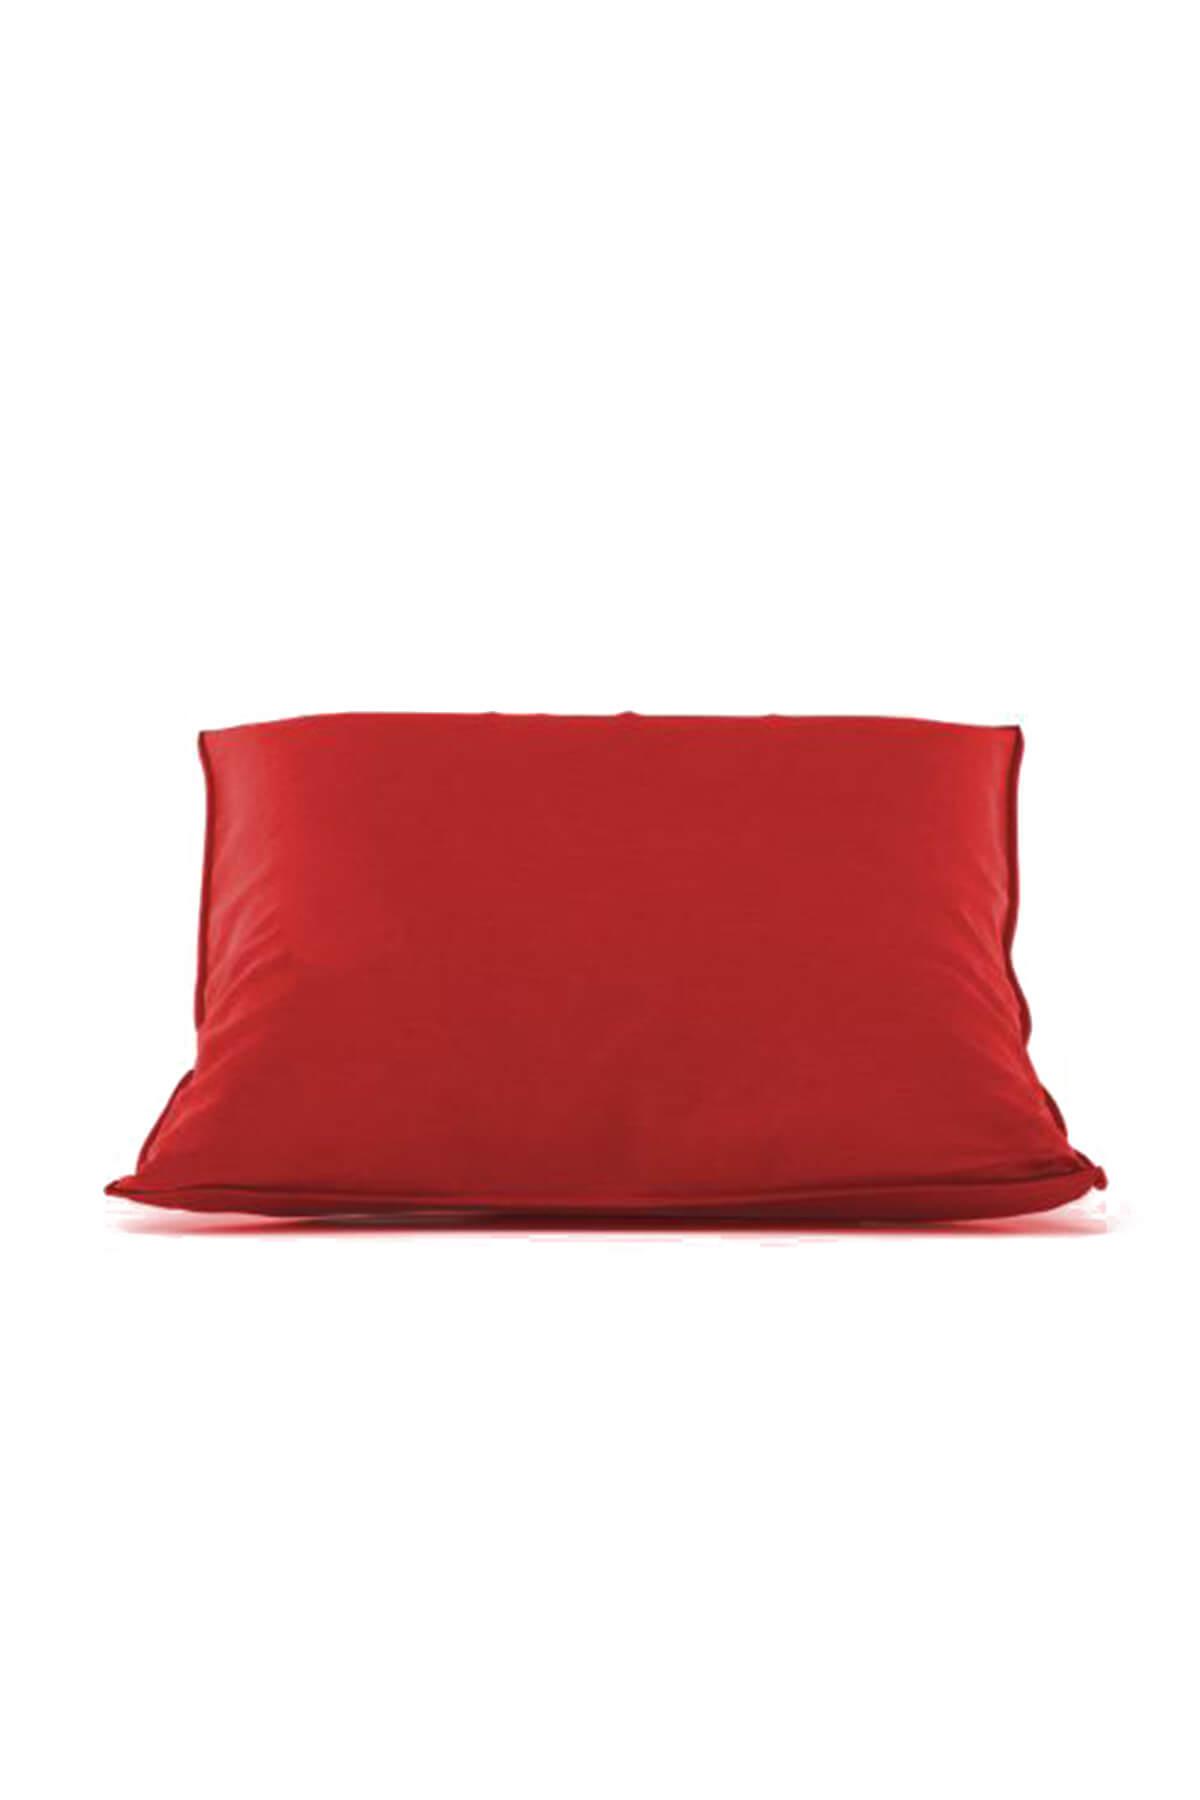 Evdemo Lale Yer Minderi Kırmızı 1